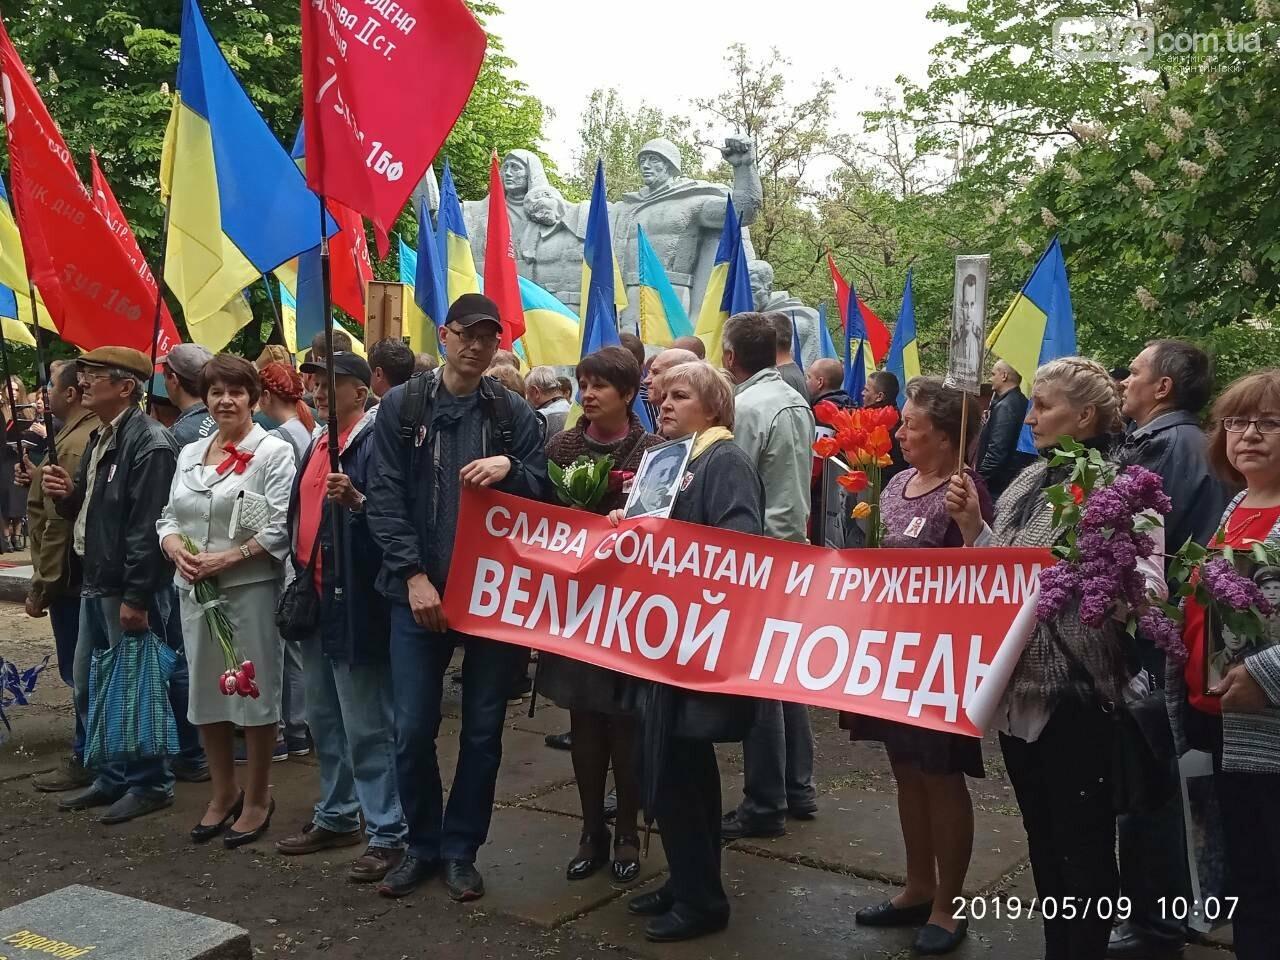 У Костянтинівці вшанували пам'ять загиблих у Другій світовій війні, фото-3